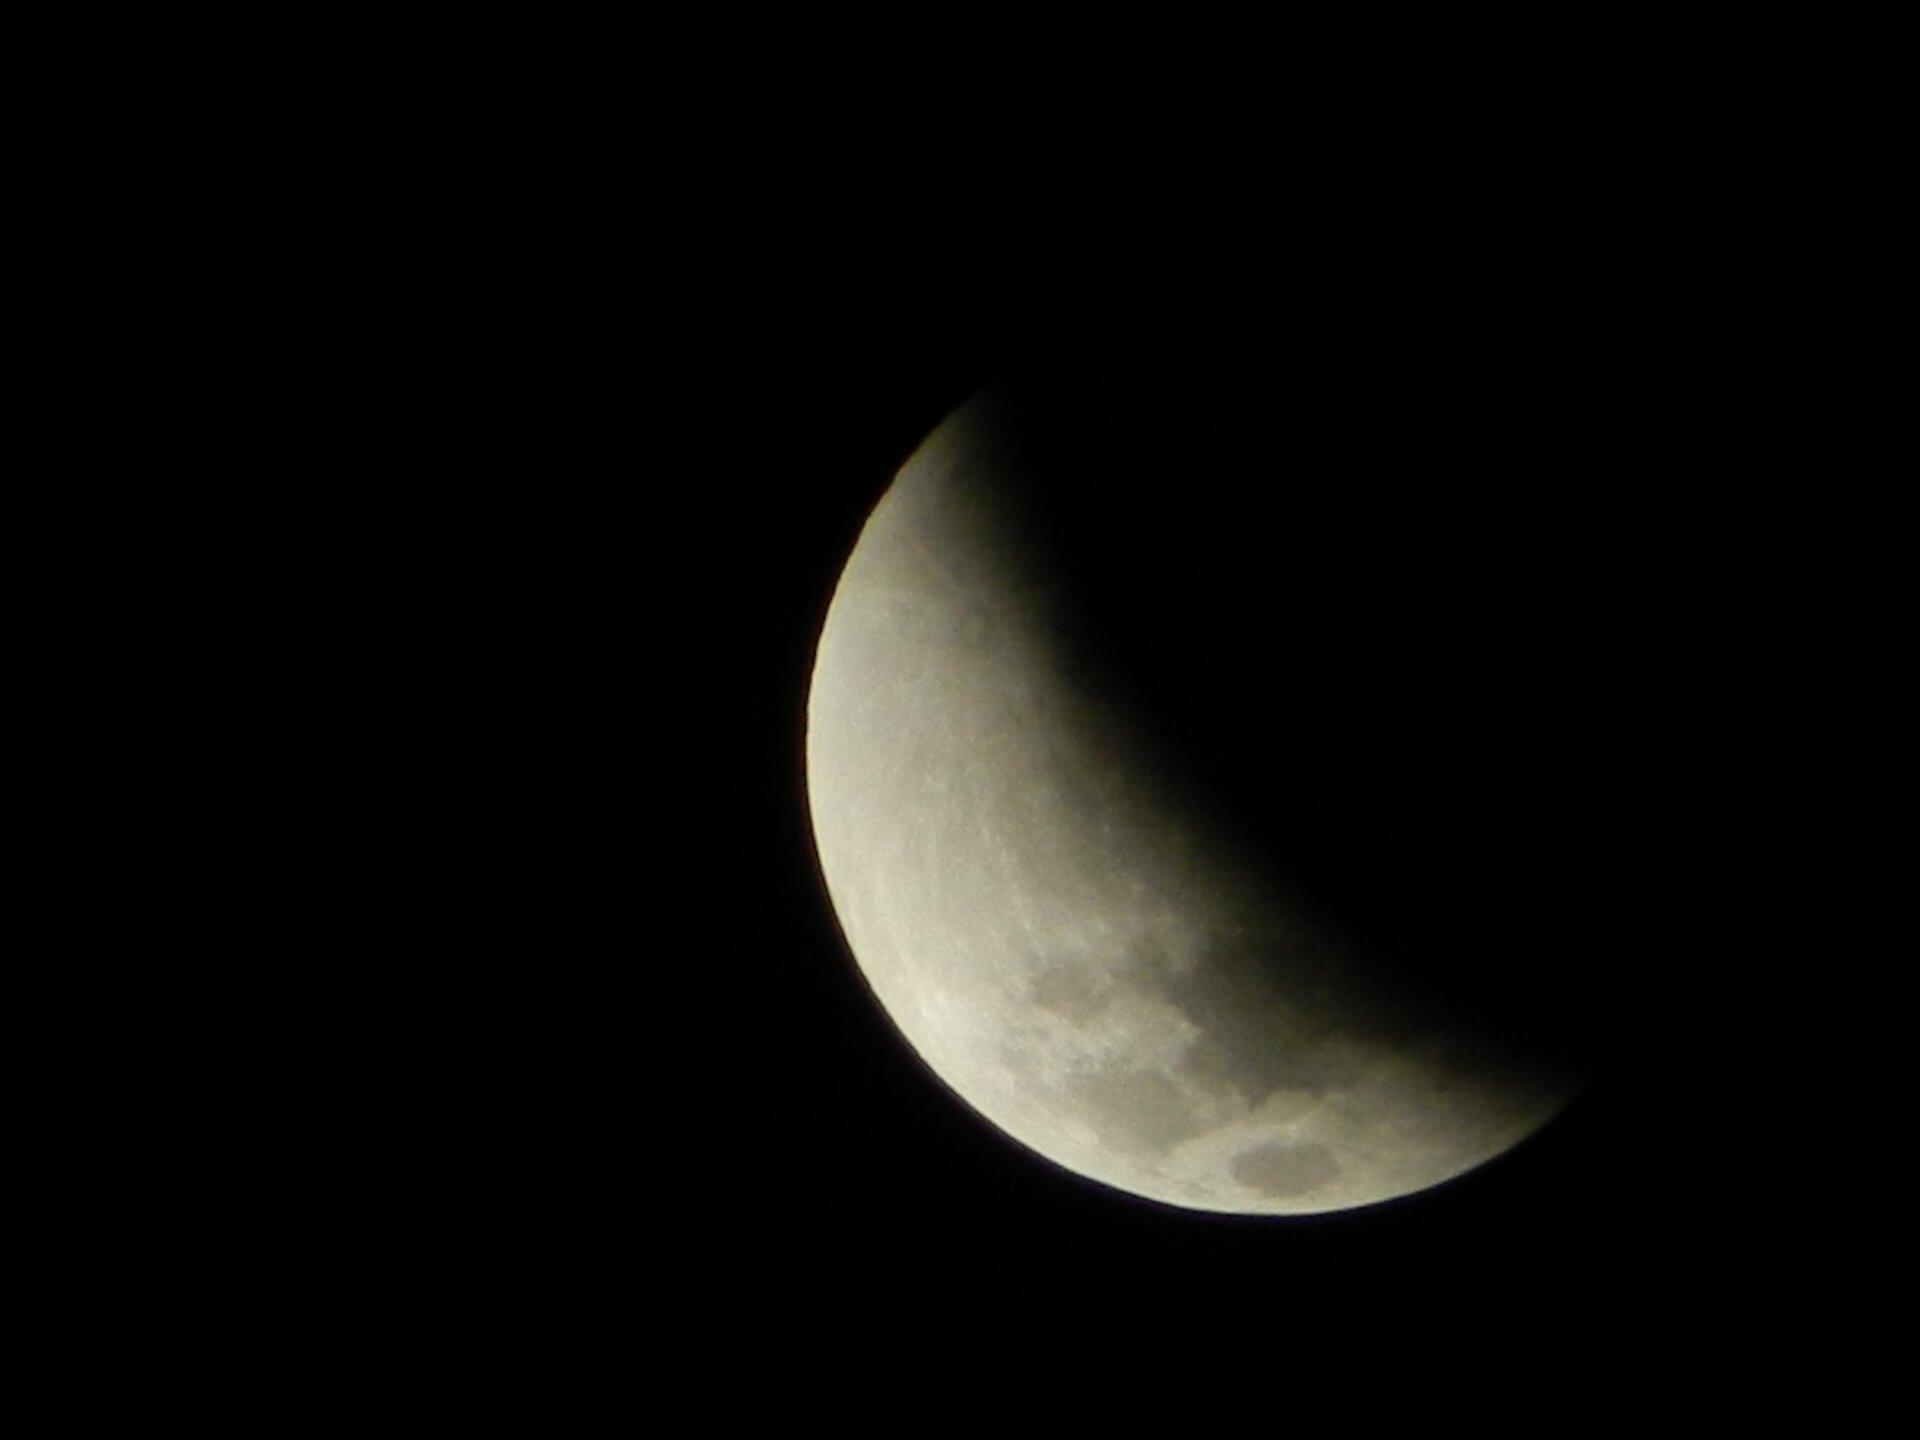 Fotografia prezentuje okrągły biało-szary księżyc na tle czarnego nieba. Tarcza księżyca, wprzeszło połowie swojej wielkości, jest zasłonięta cieniem Ziemi.